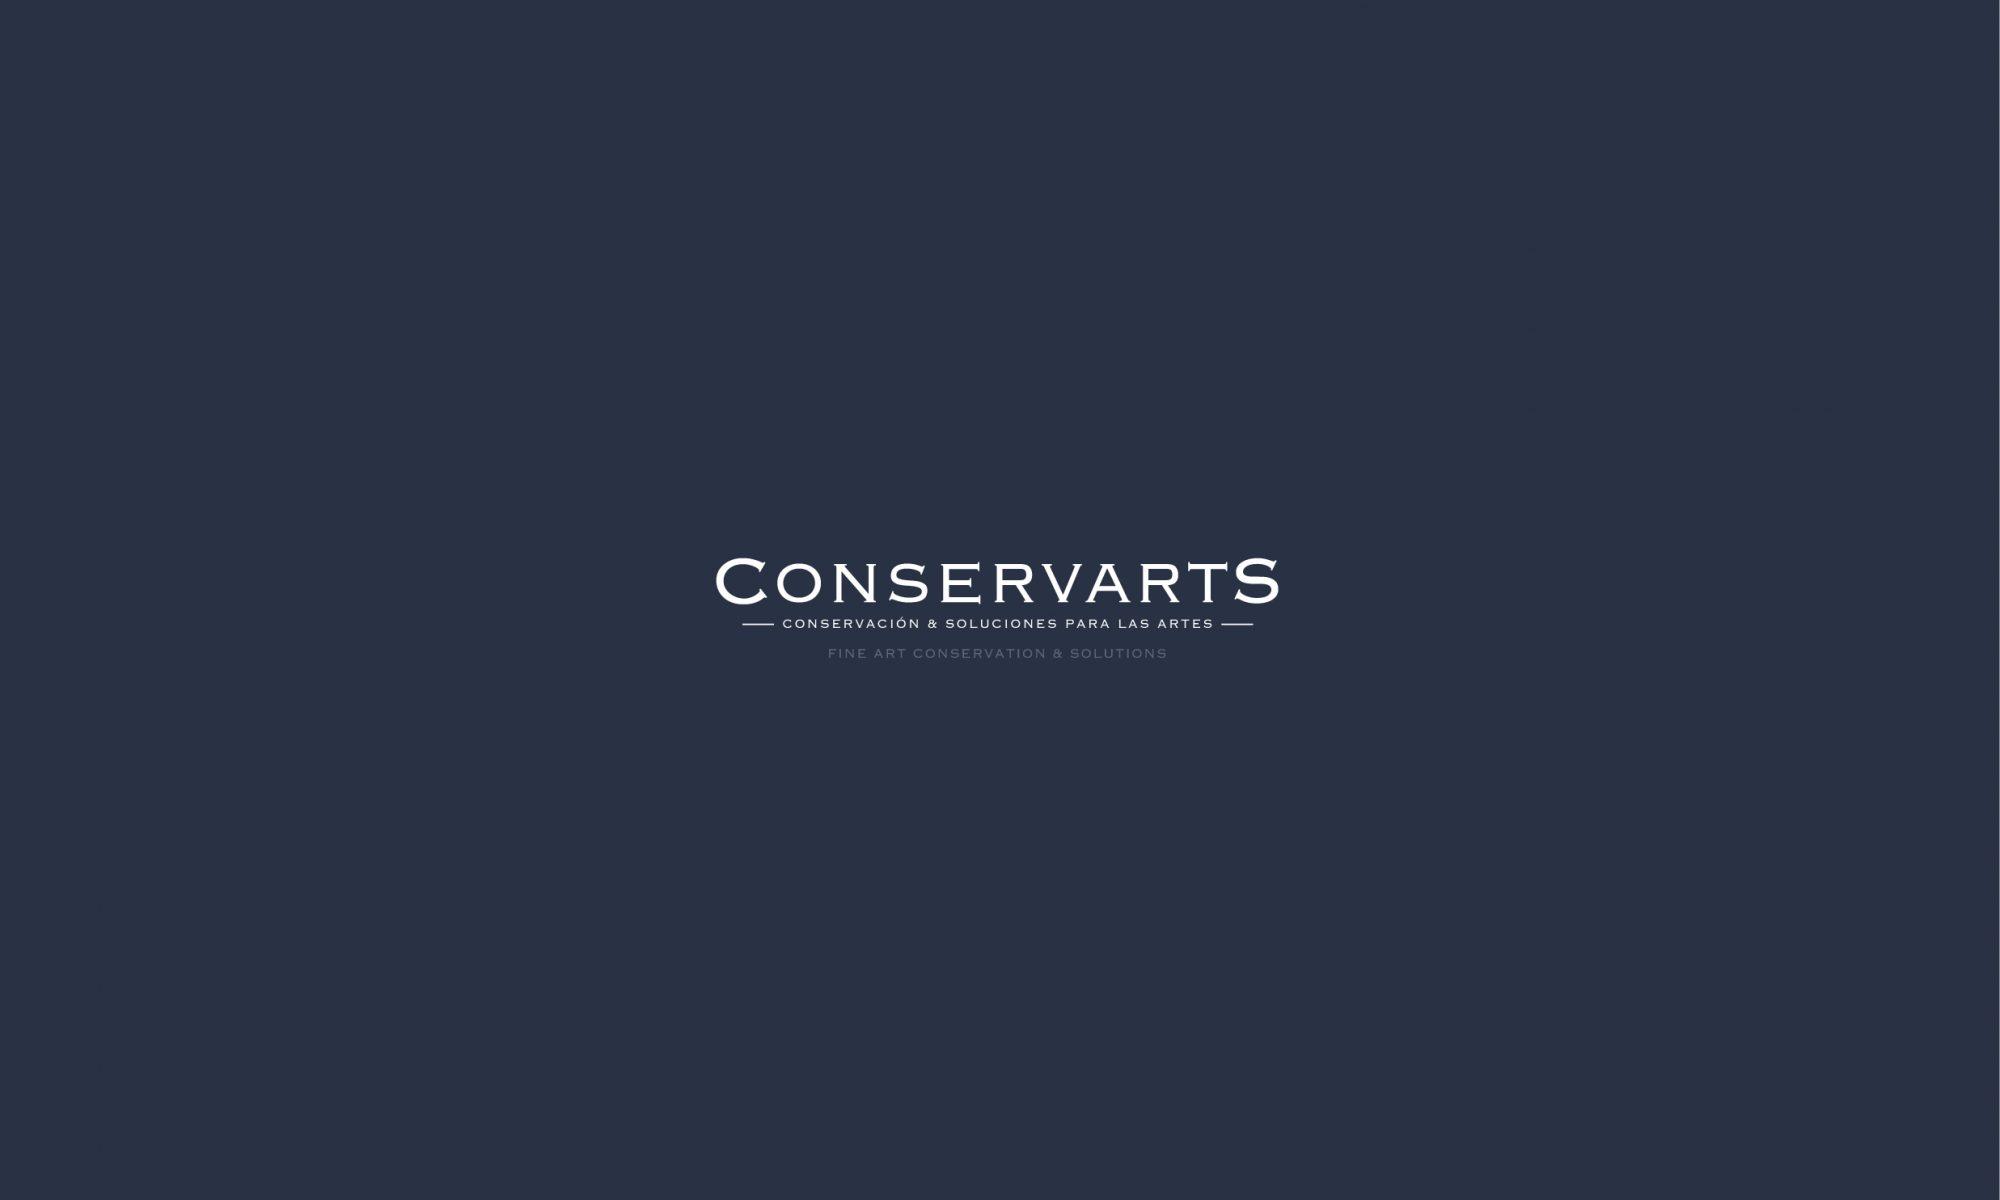 CONSERVARTS